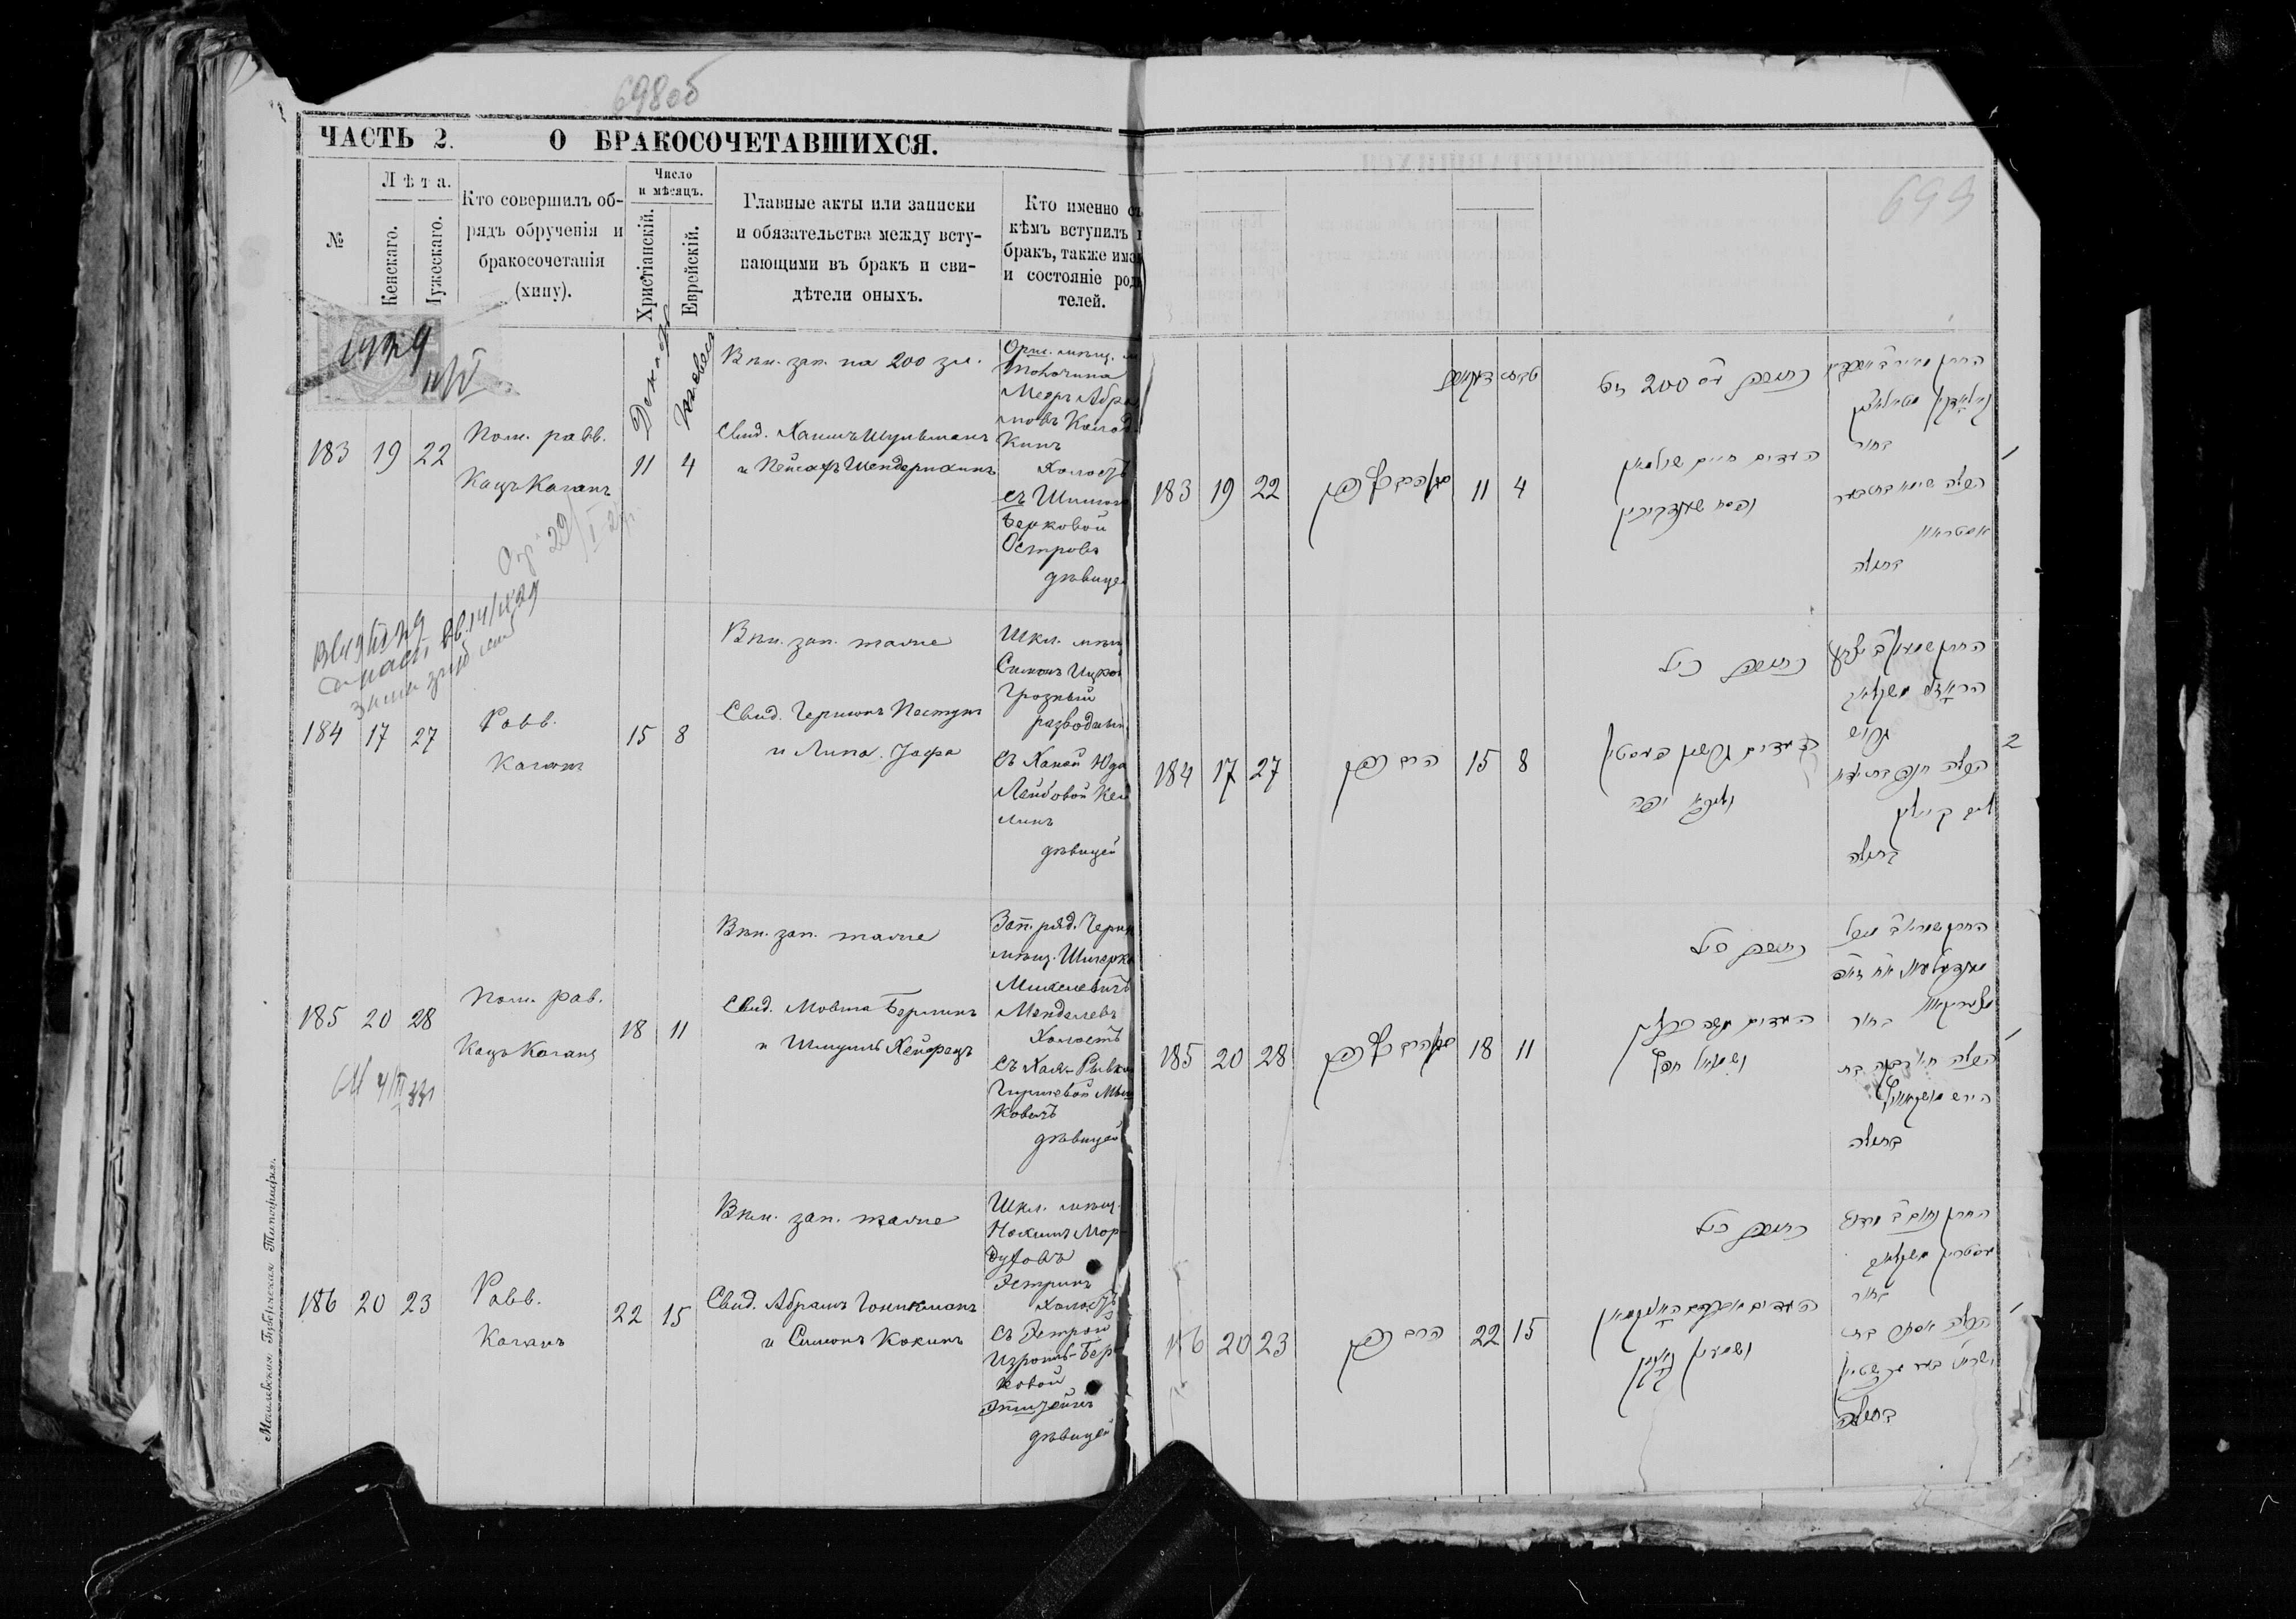 Колодкин Меер и Шима Острова хупа 11 декабря 1892, Запись 183, пленка # 004563097, снимок 98